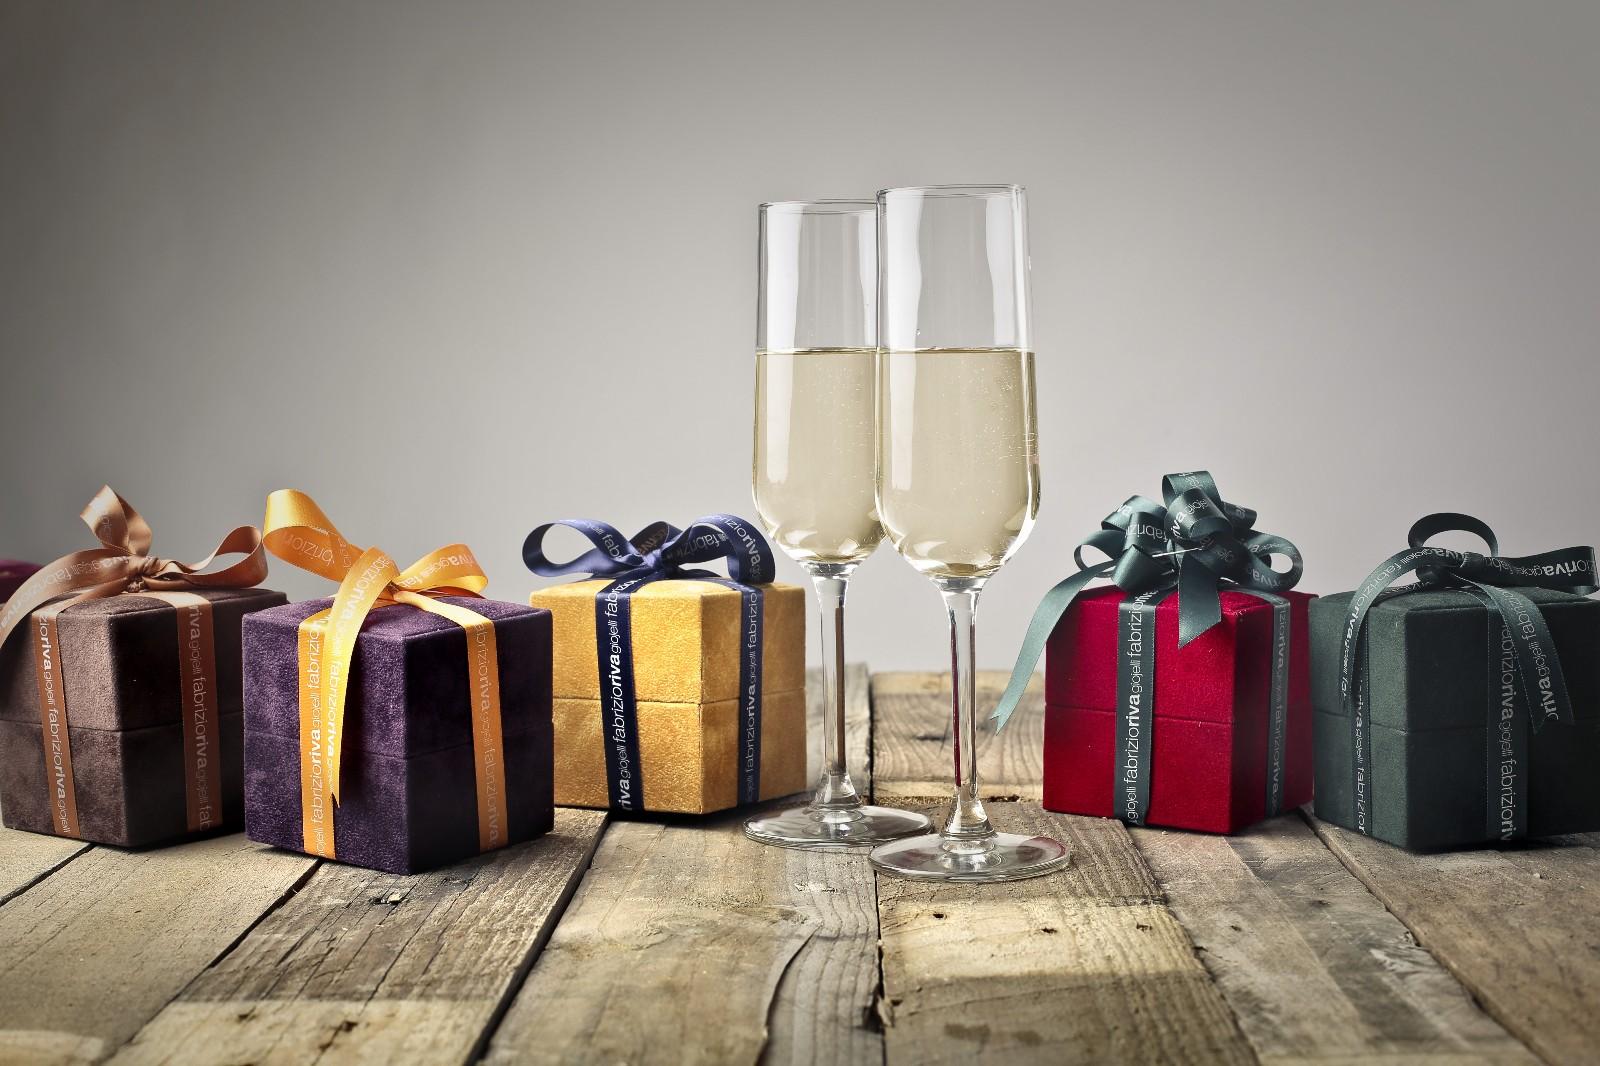 节日到了,教你三招给客户送出最好礼!